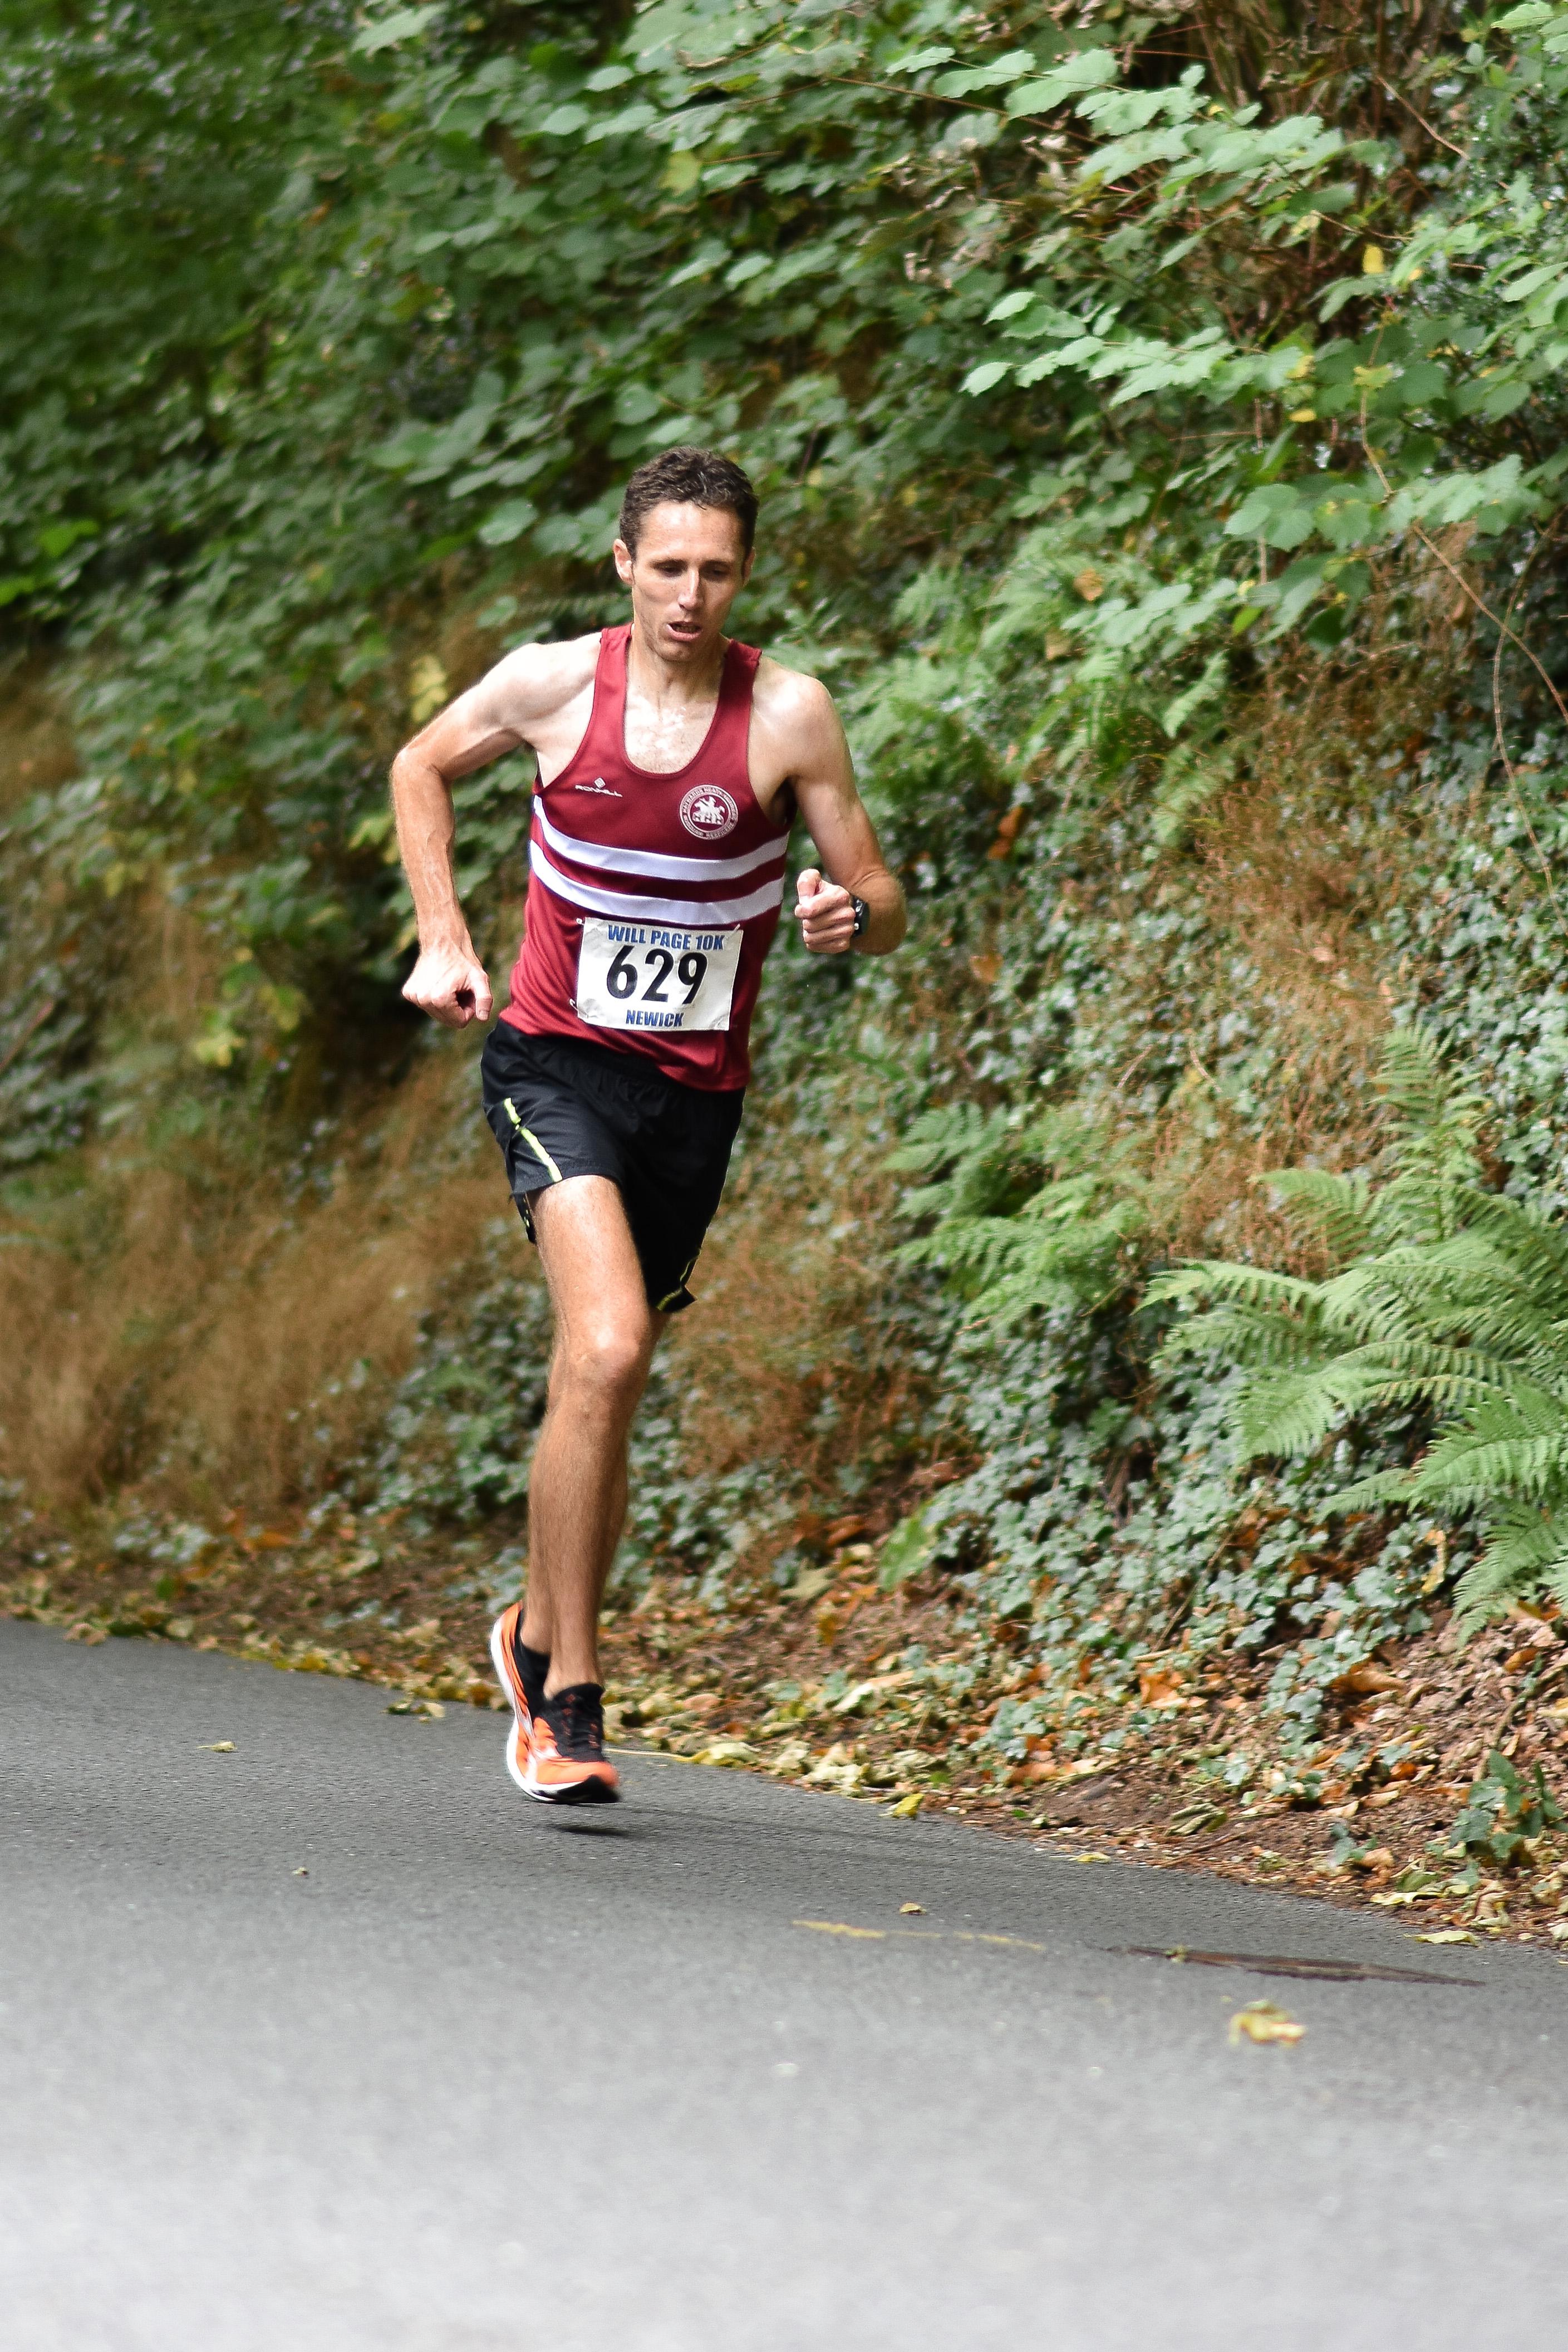 Runner - 629 (1)